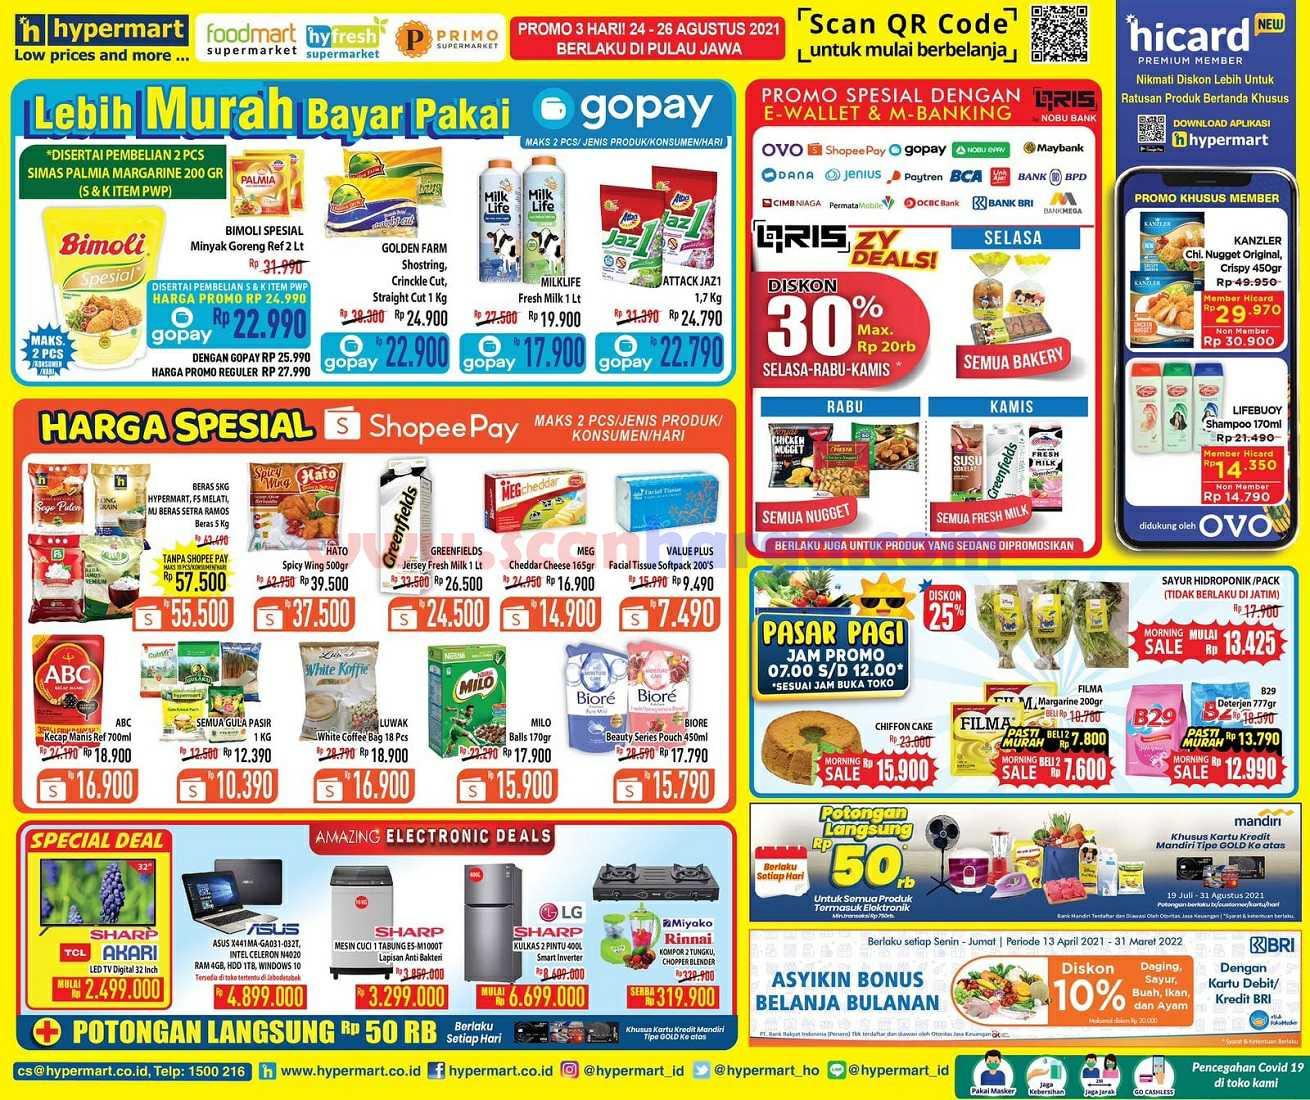 Katalog Promo Hypermart Weekday Terbaru 24 - 26 Agustus 2021 2